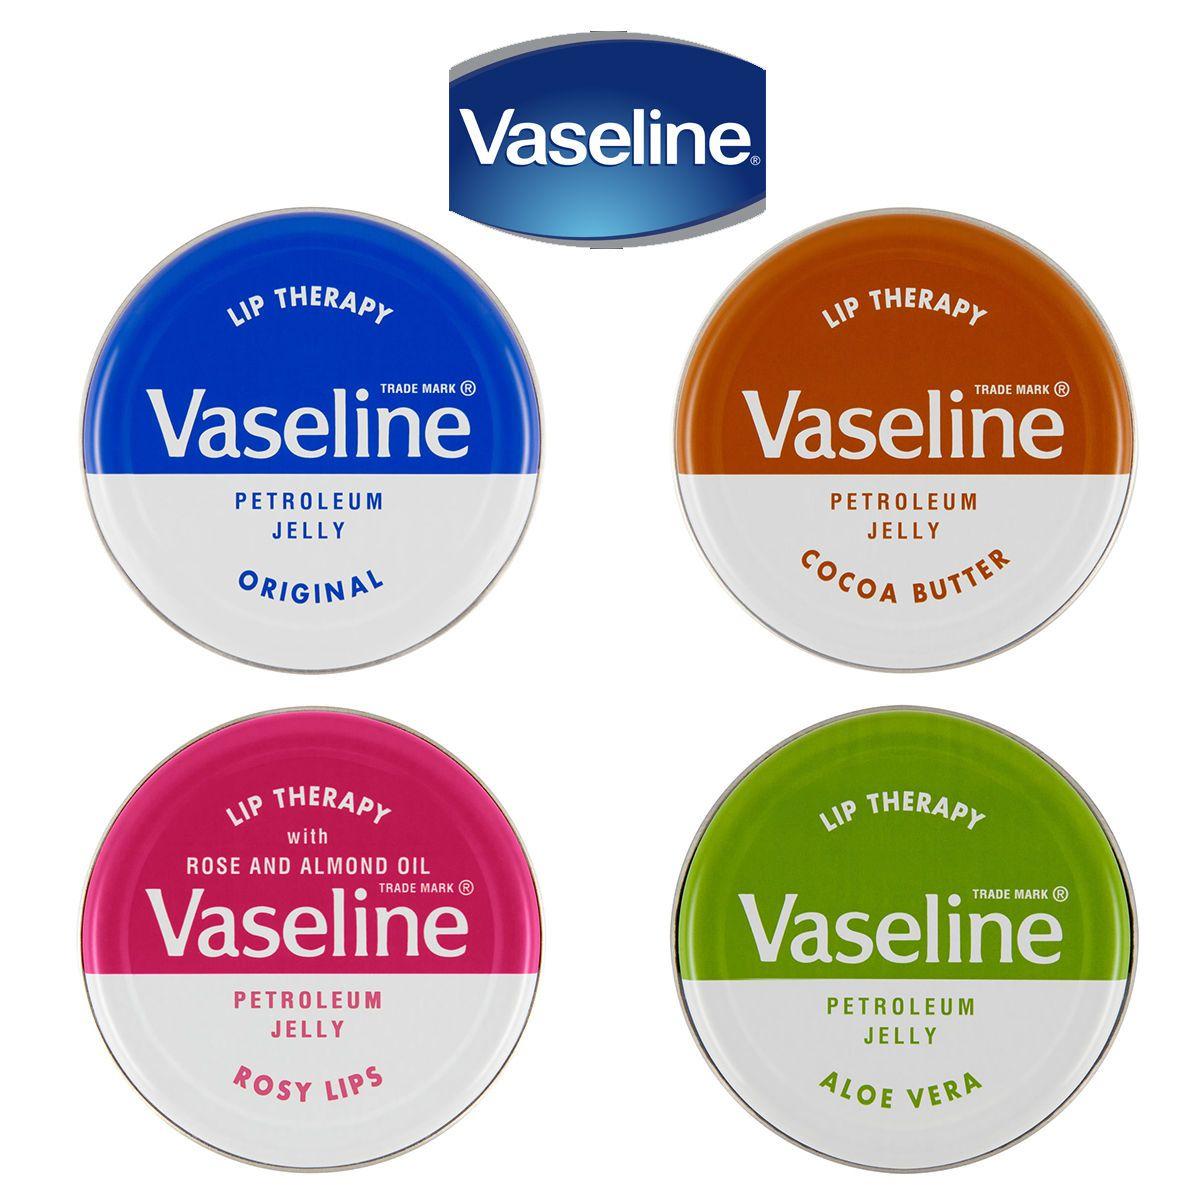 57 Aud Vaseline Lip Therapy 20g Petroleum Jelly Original Cocoa Rosy 100 Butter Aloe Vera Ebay Fashion